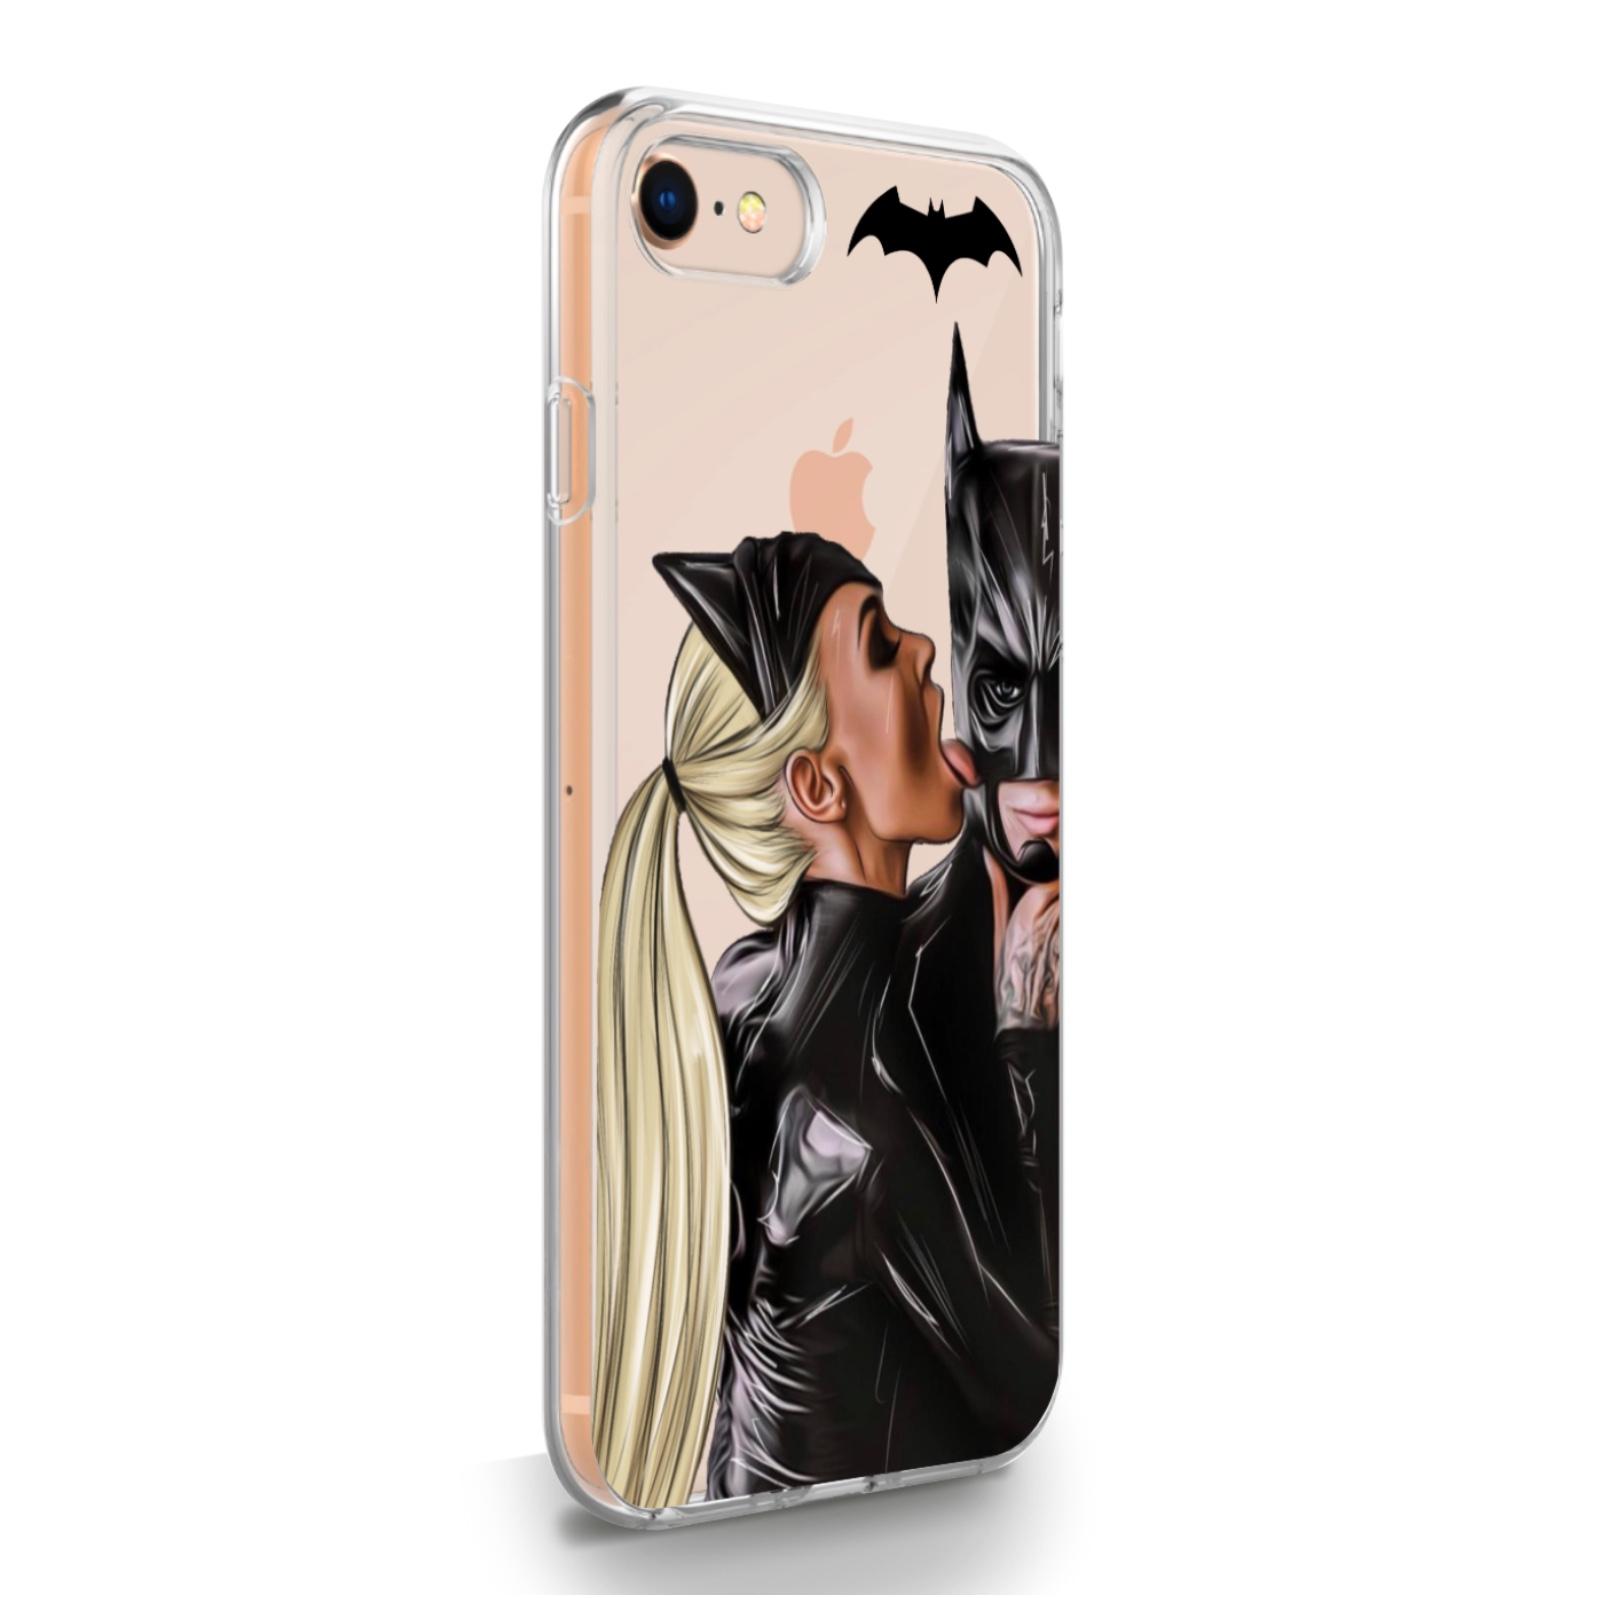 Прозрачный силиконовый чехол для iPhone 7/8/SE2020 Cat Woman/ Женщина кошка Блондинка для Айфон 7/8/СЕ2020